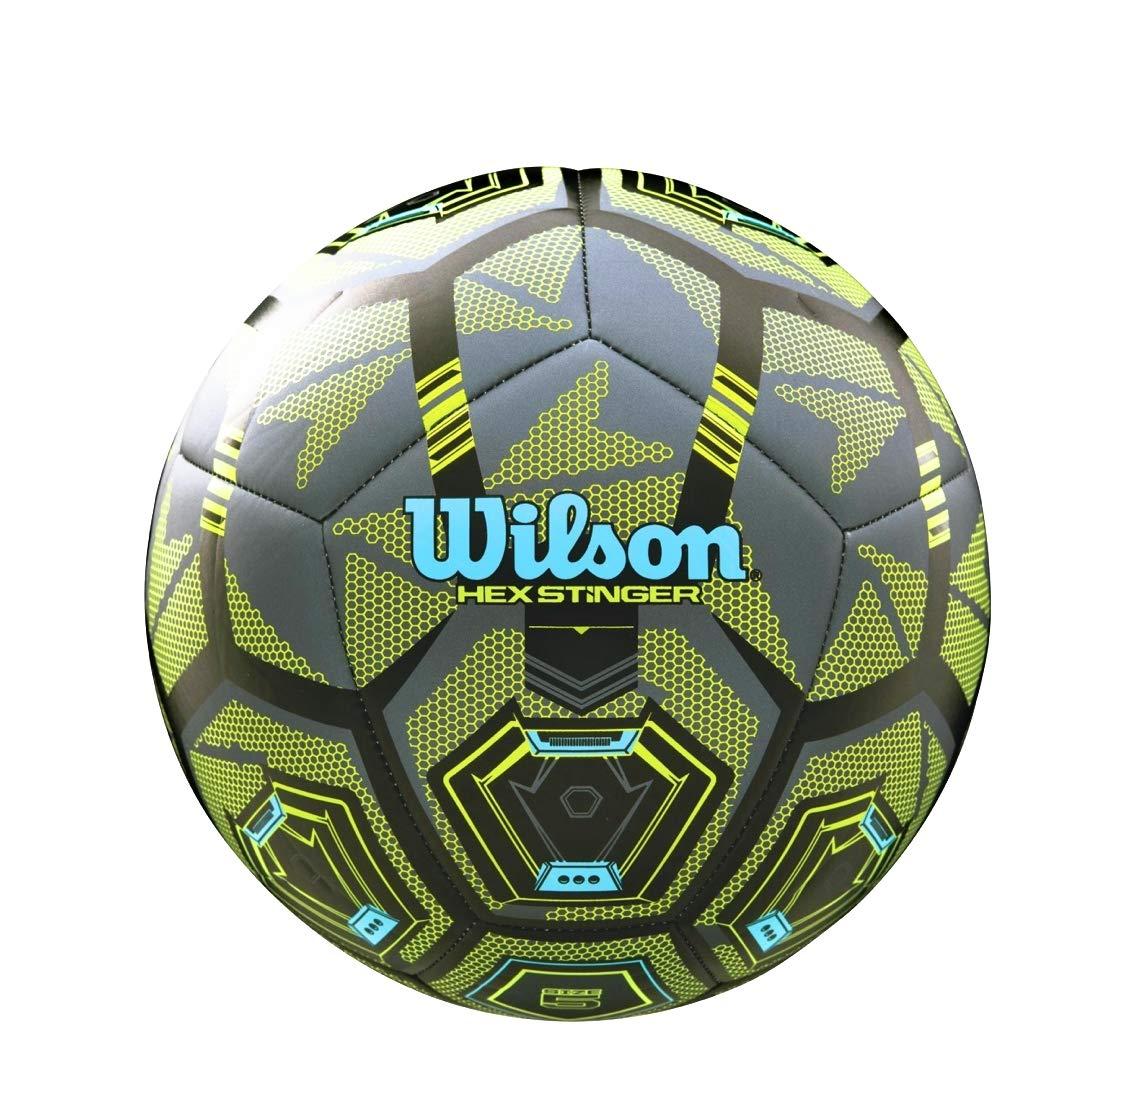 ウィルソン 六角スティンガー スポーツ キッズ サイズ4